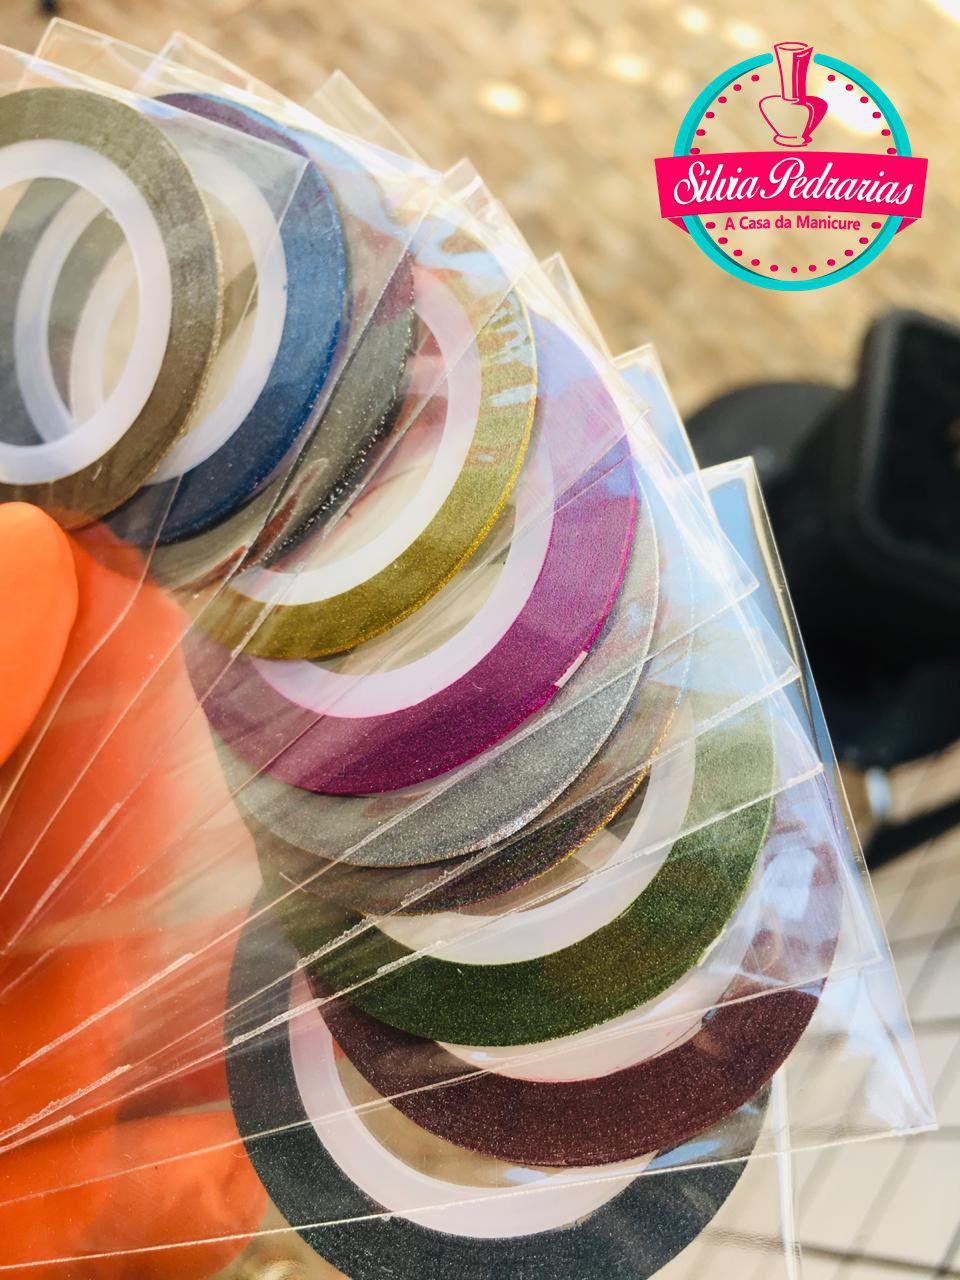 Kit 10 cores fio de ouro metalizado com glitter  - Sílvia Pedrarias & Cia